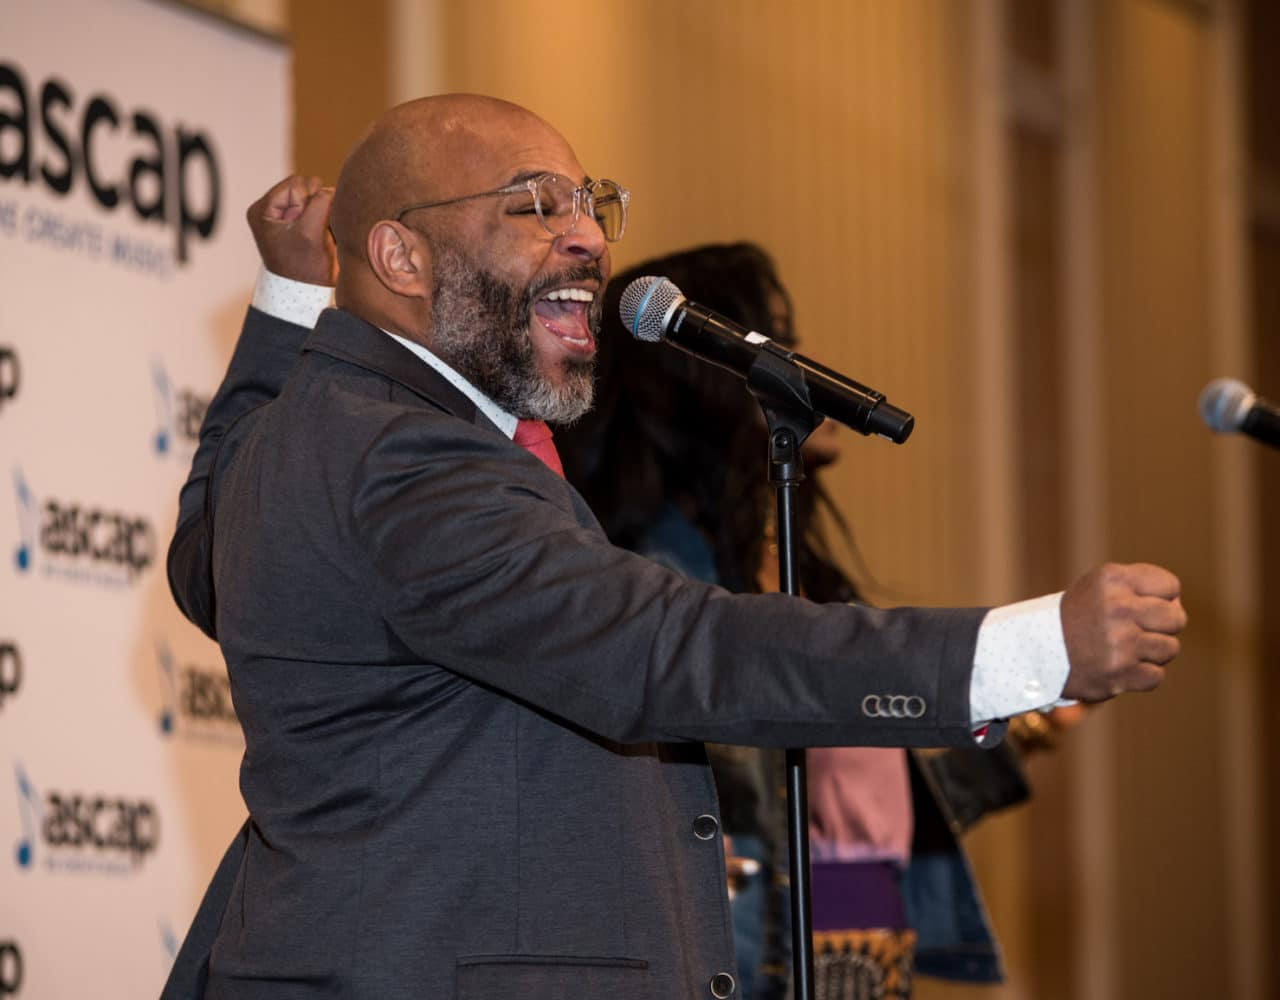 ASCAP'S Morning Glory Breakfast Celebrates Gospel Music Songwriters